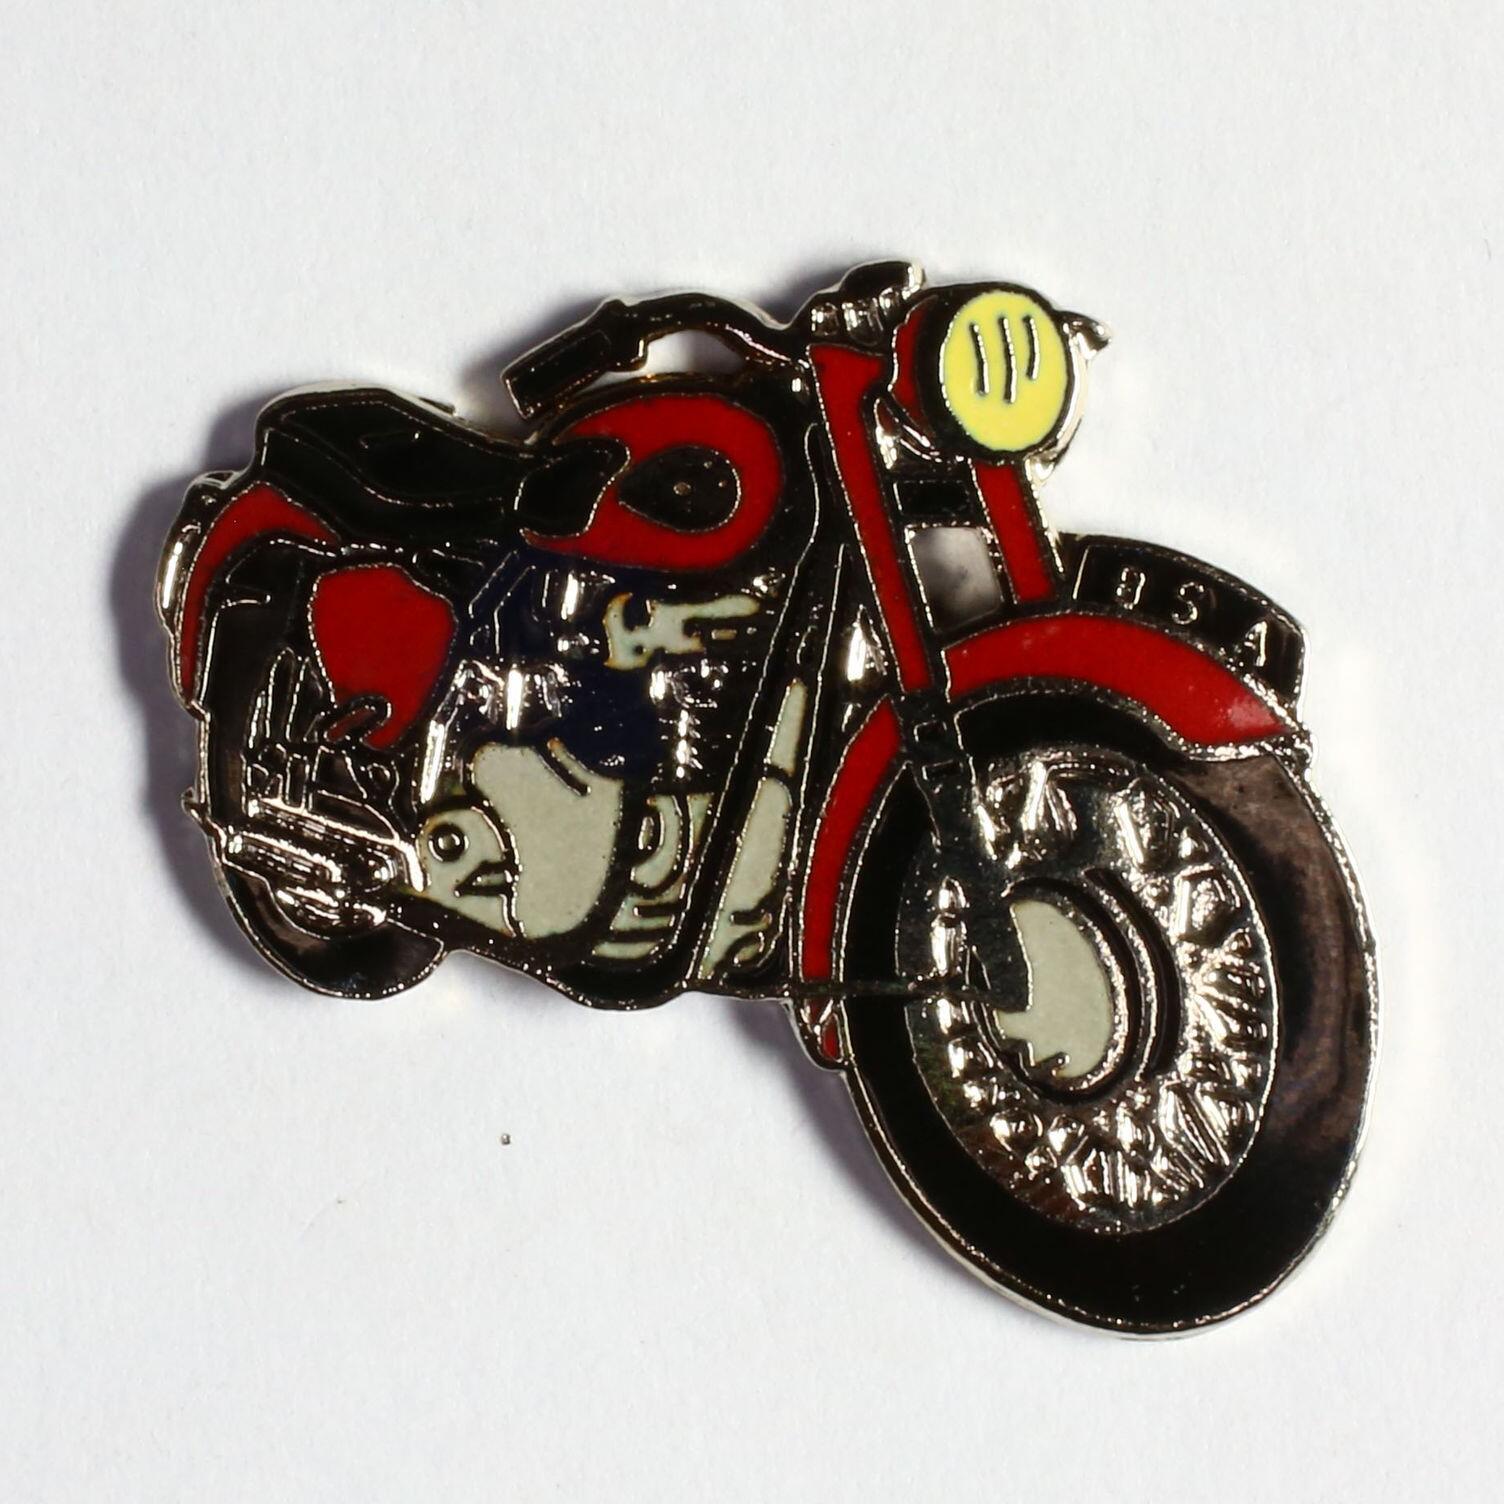 Moto rouge selle noire